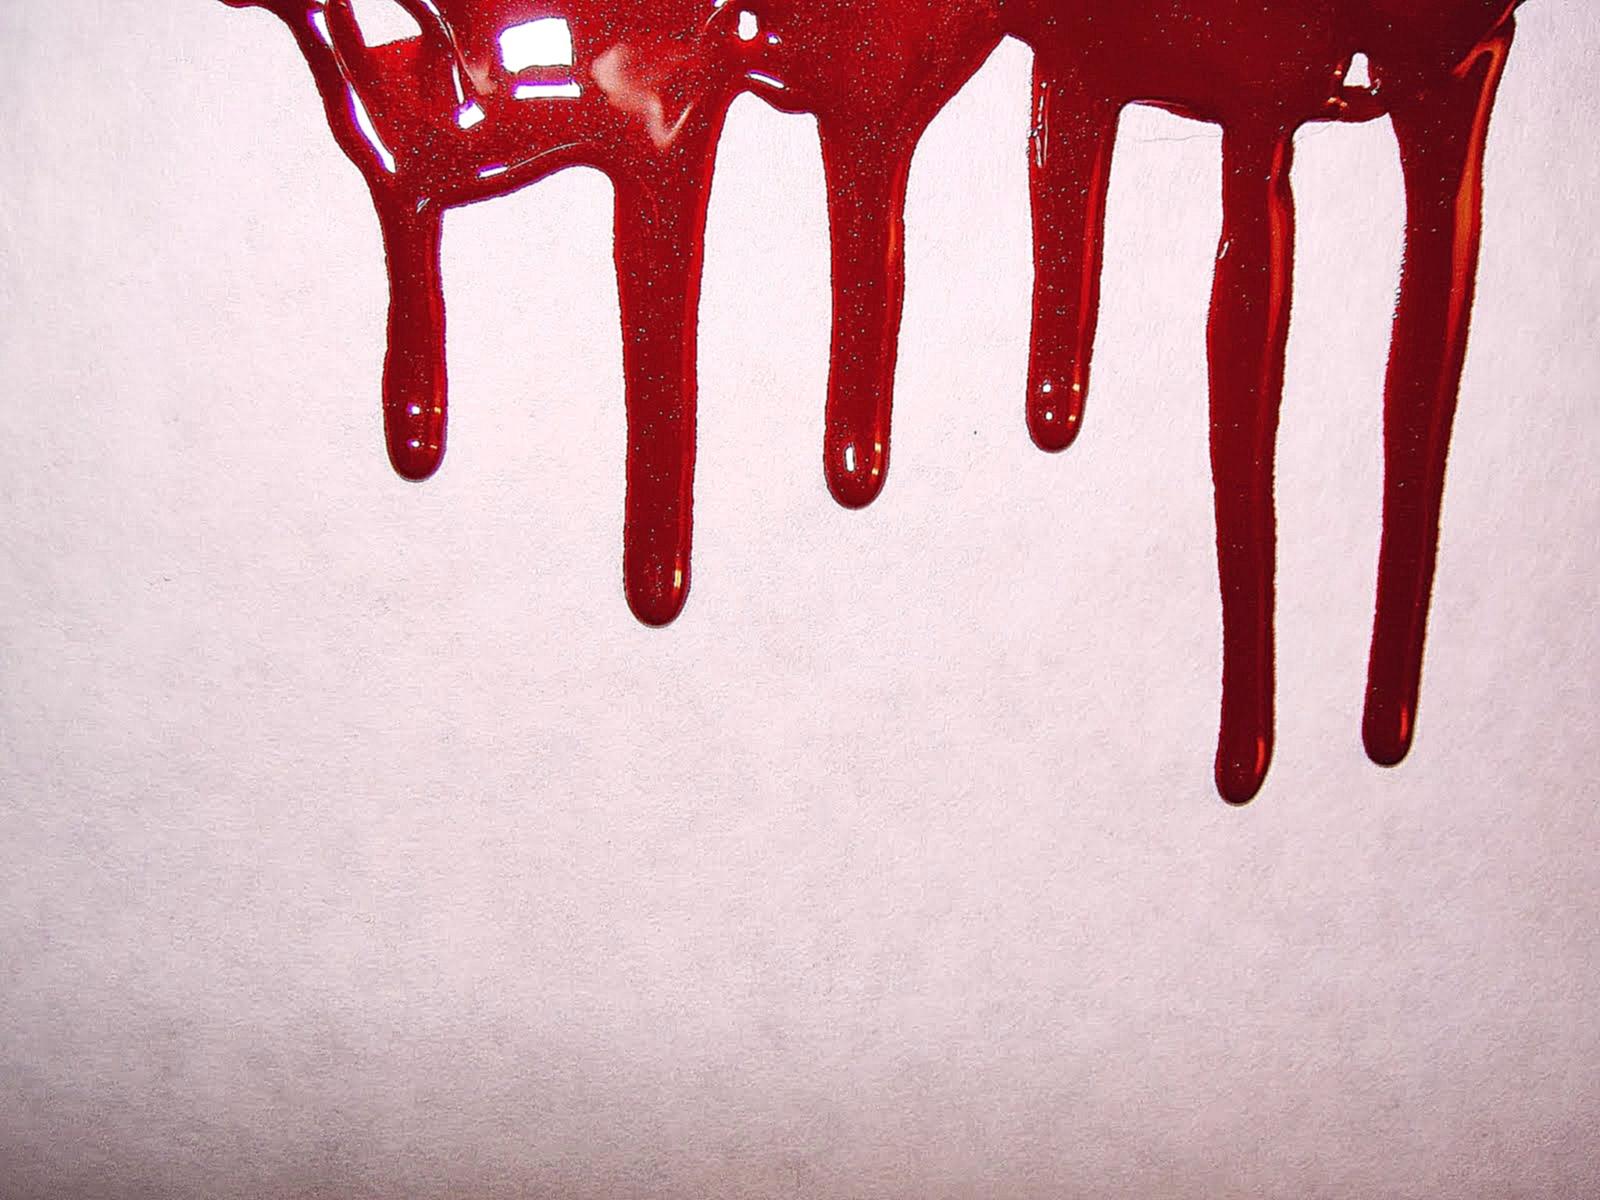 vörös vérfoltok a lábakon fotó)